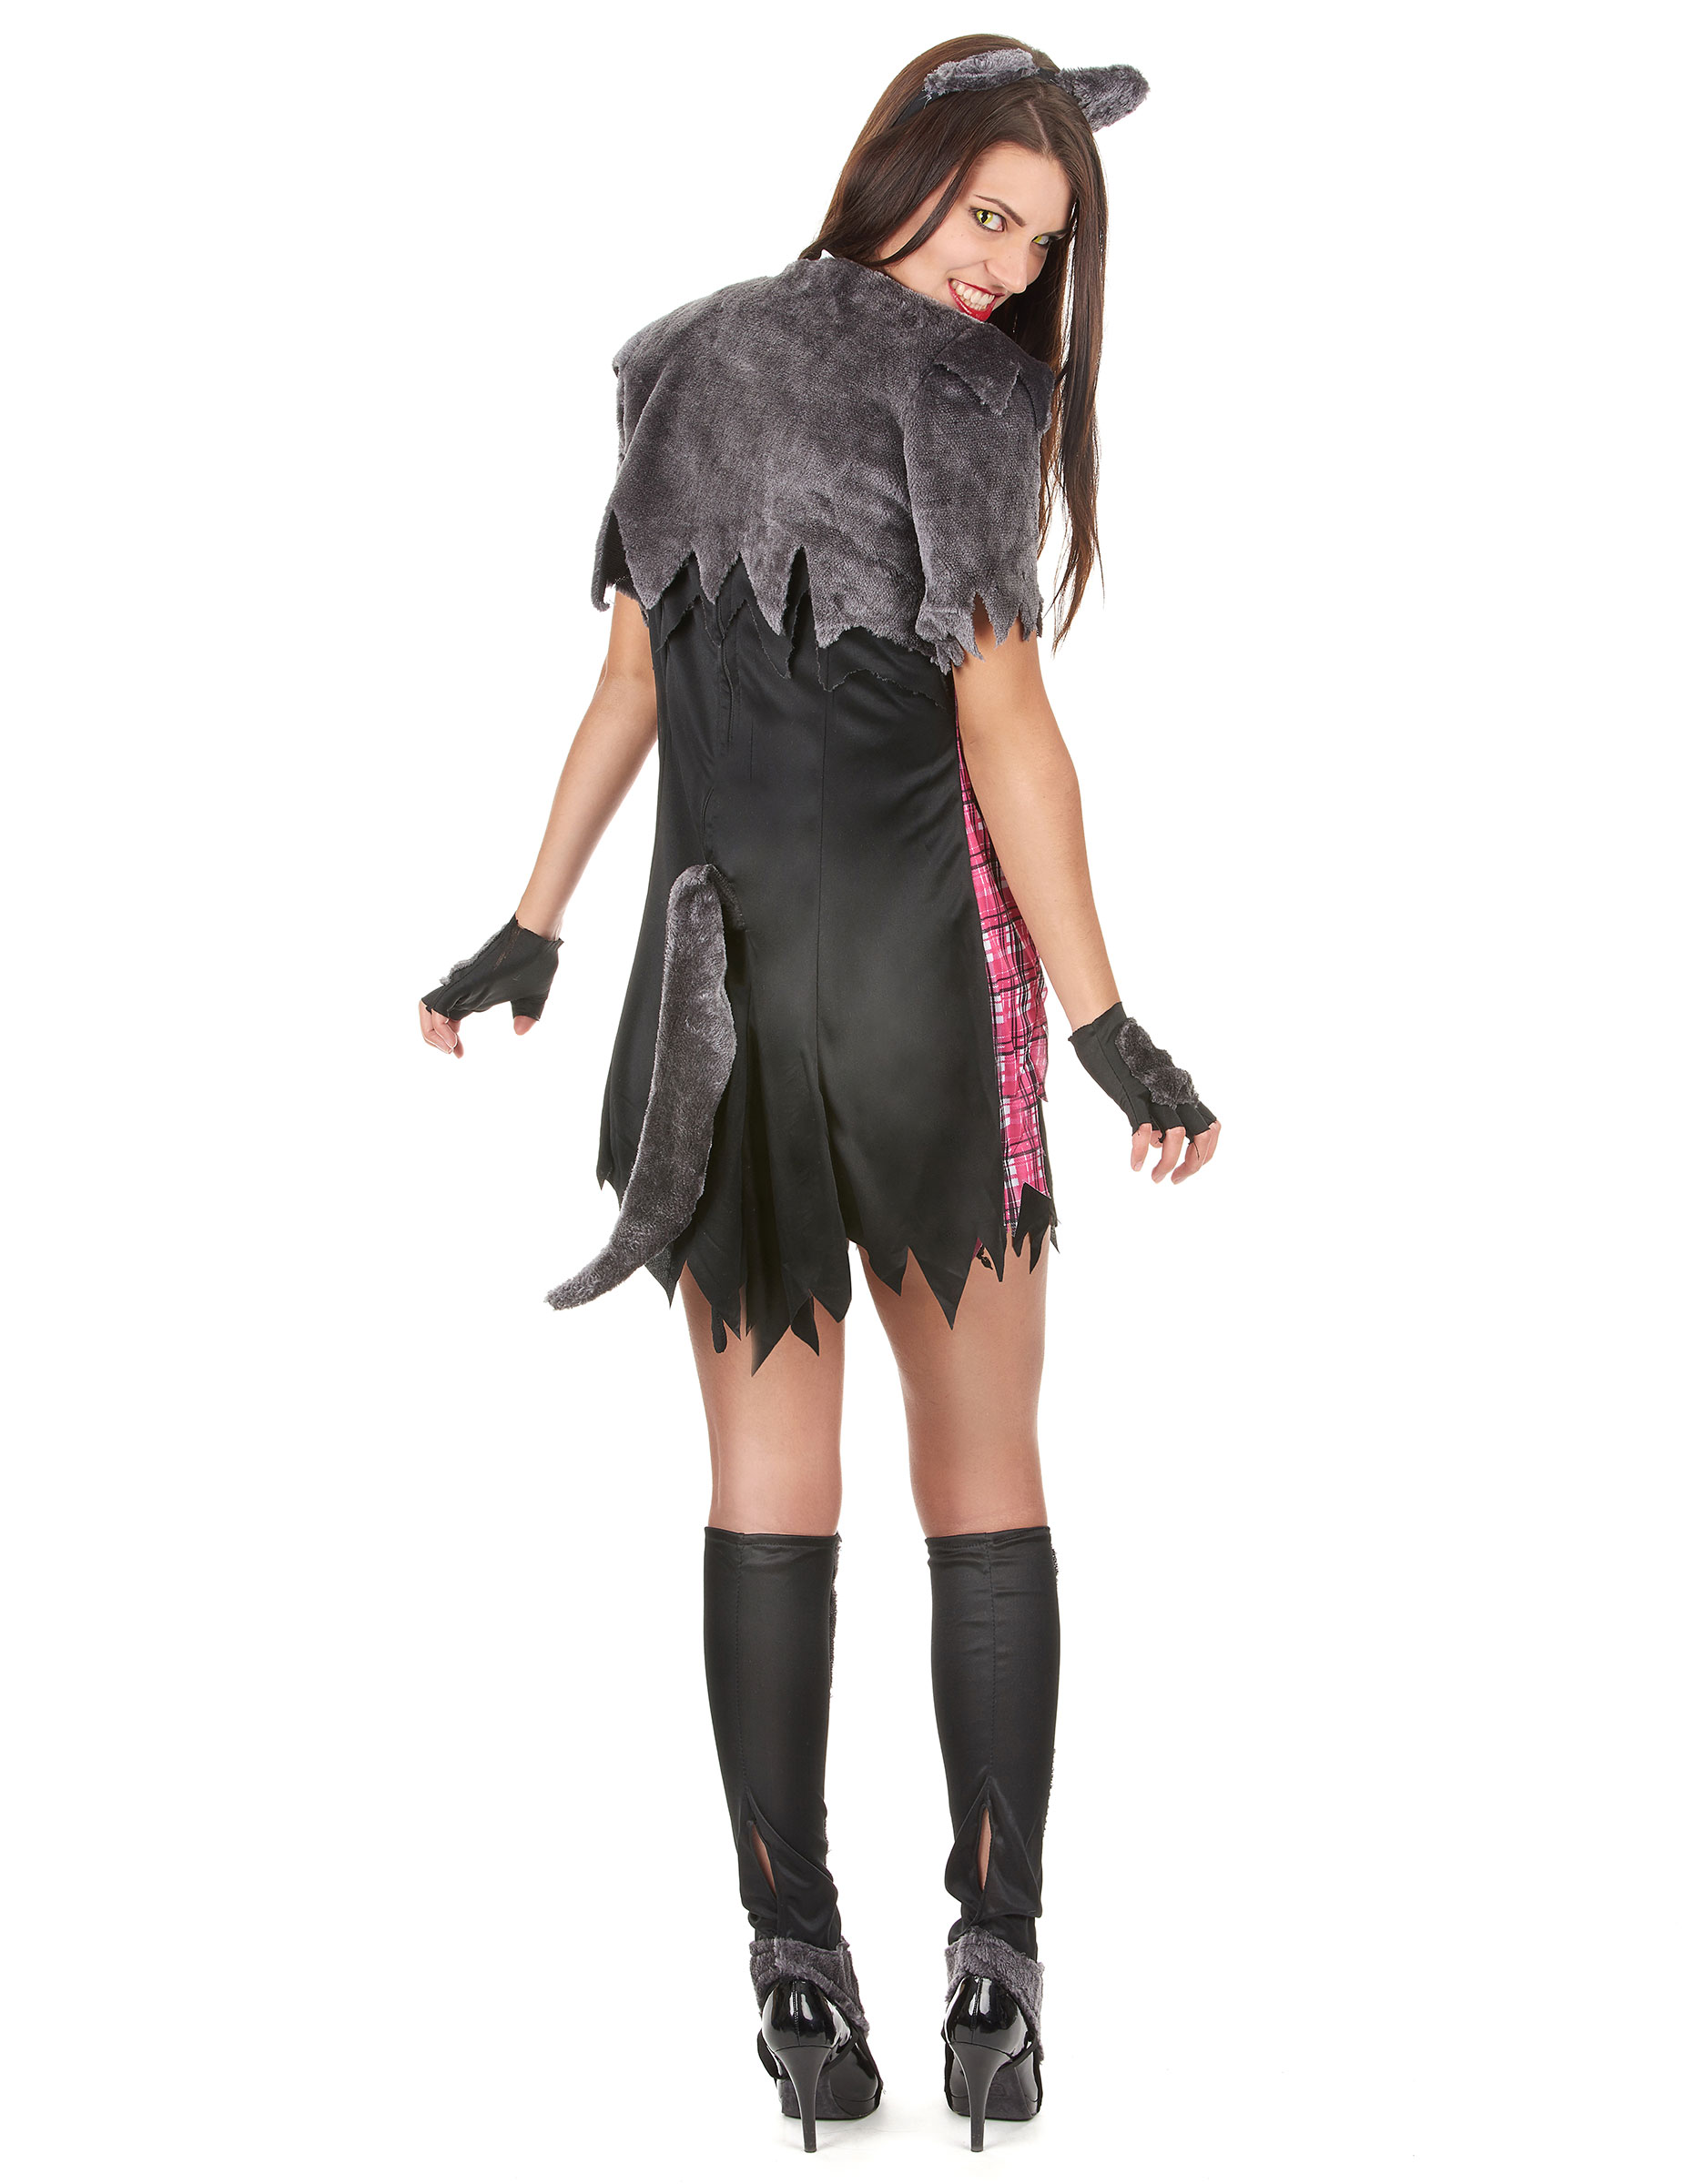 Disfraz Halloween hombre lobo sexy mujer Disfraces adultosy